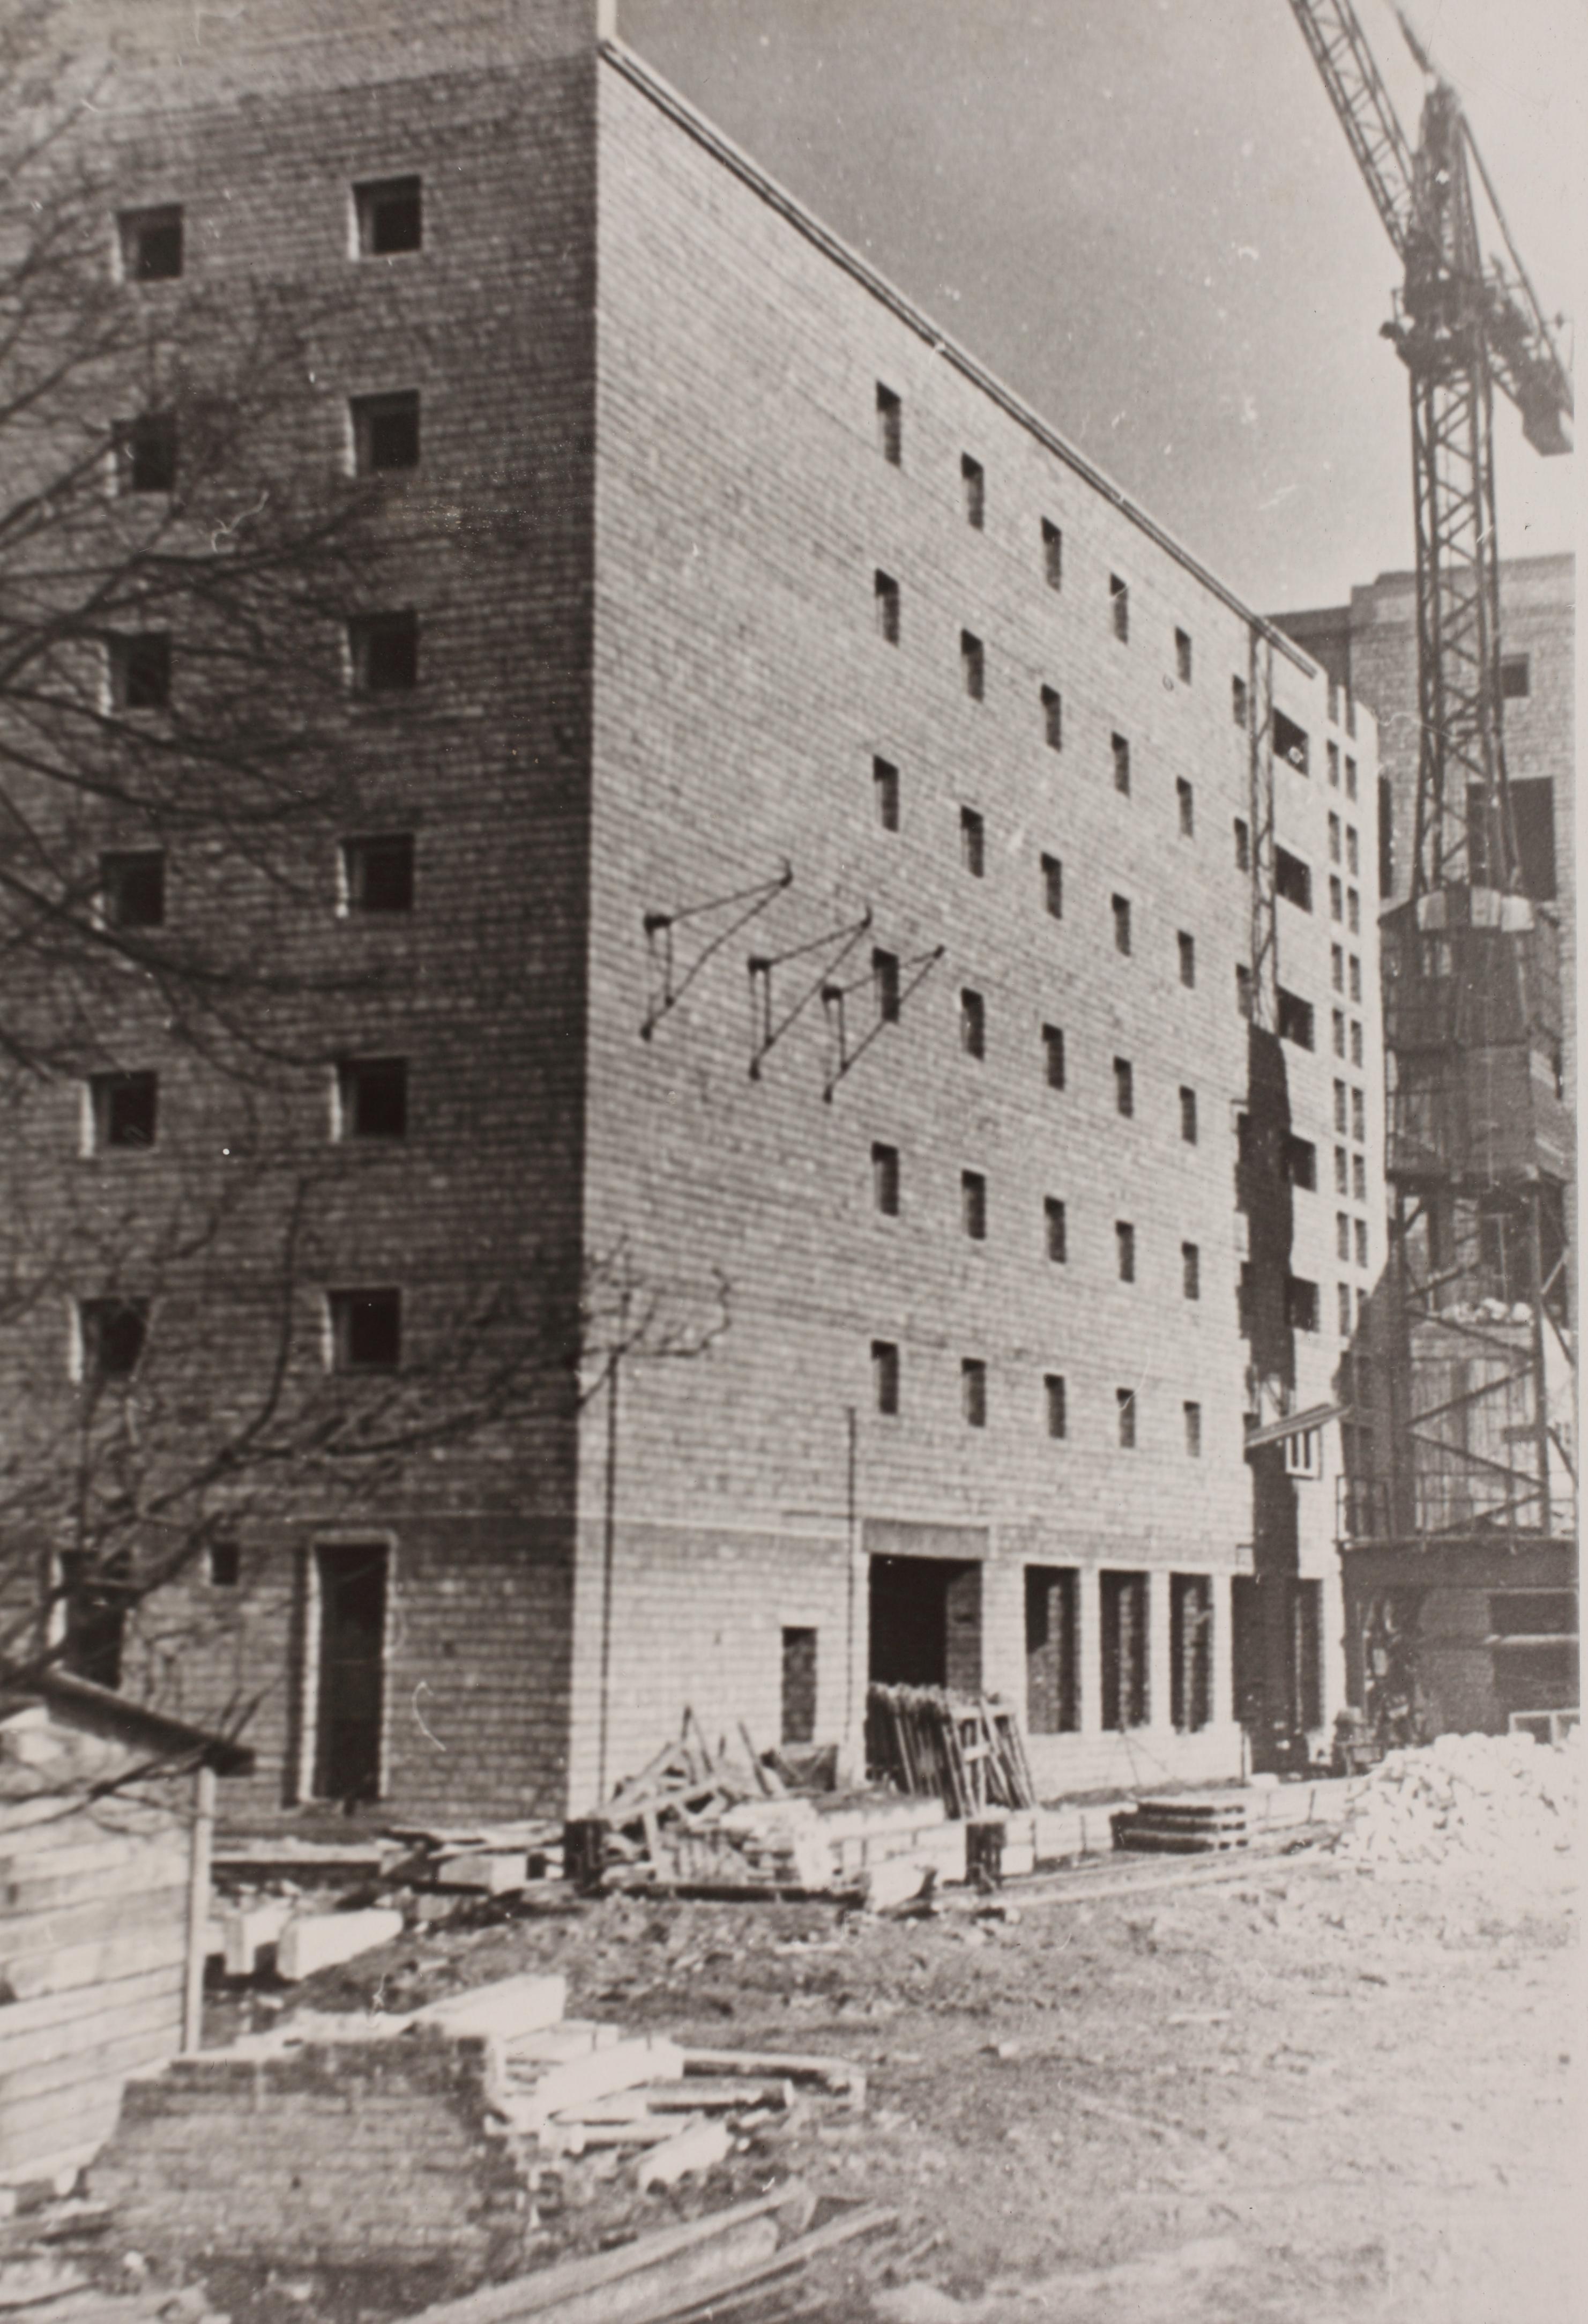 Maneeži 4 hoone ehitus. Ca 1963. ERA.R-18.9.67.19.1